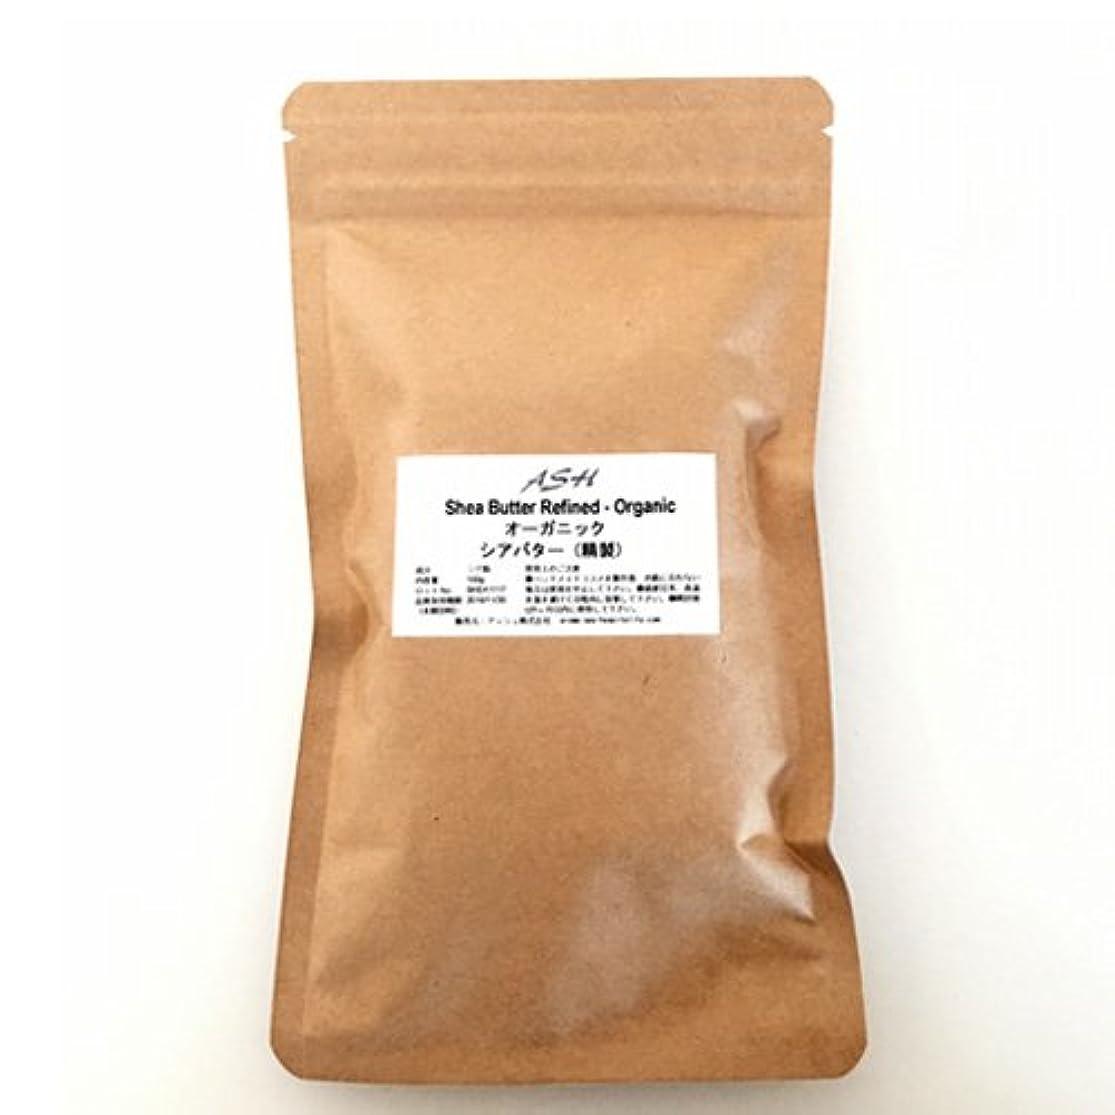 ランプ同行液化するシアバター (精製) オーガニック 100g 【無添加/植物性】